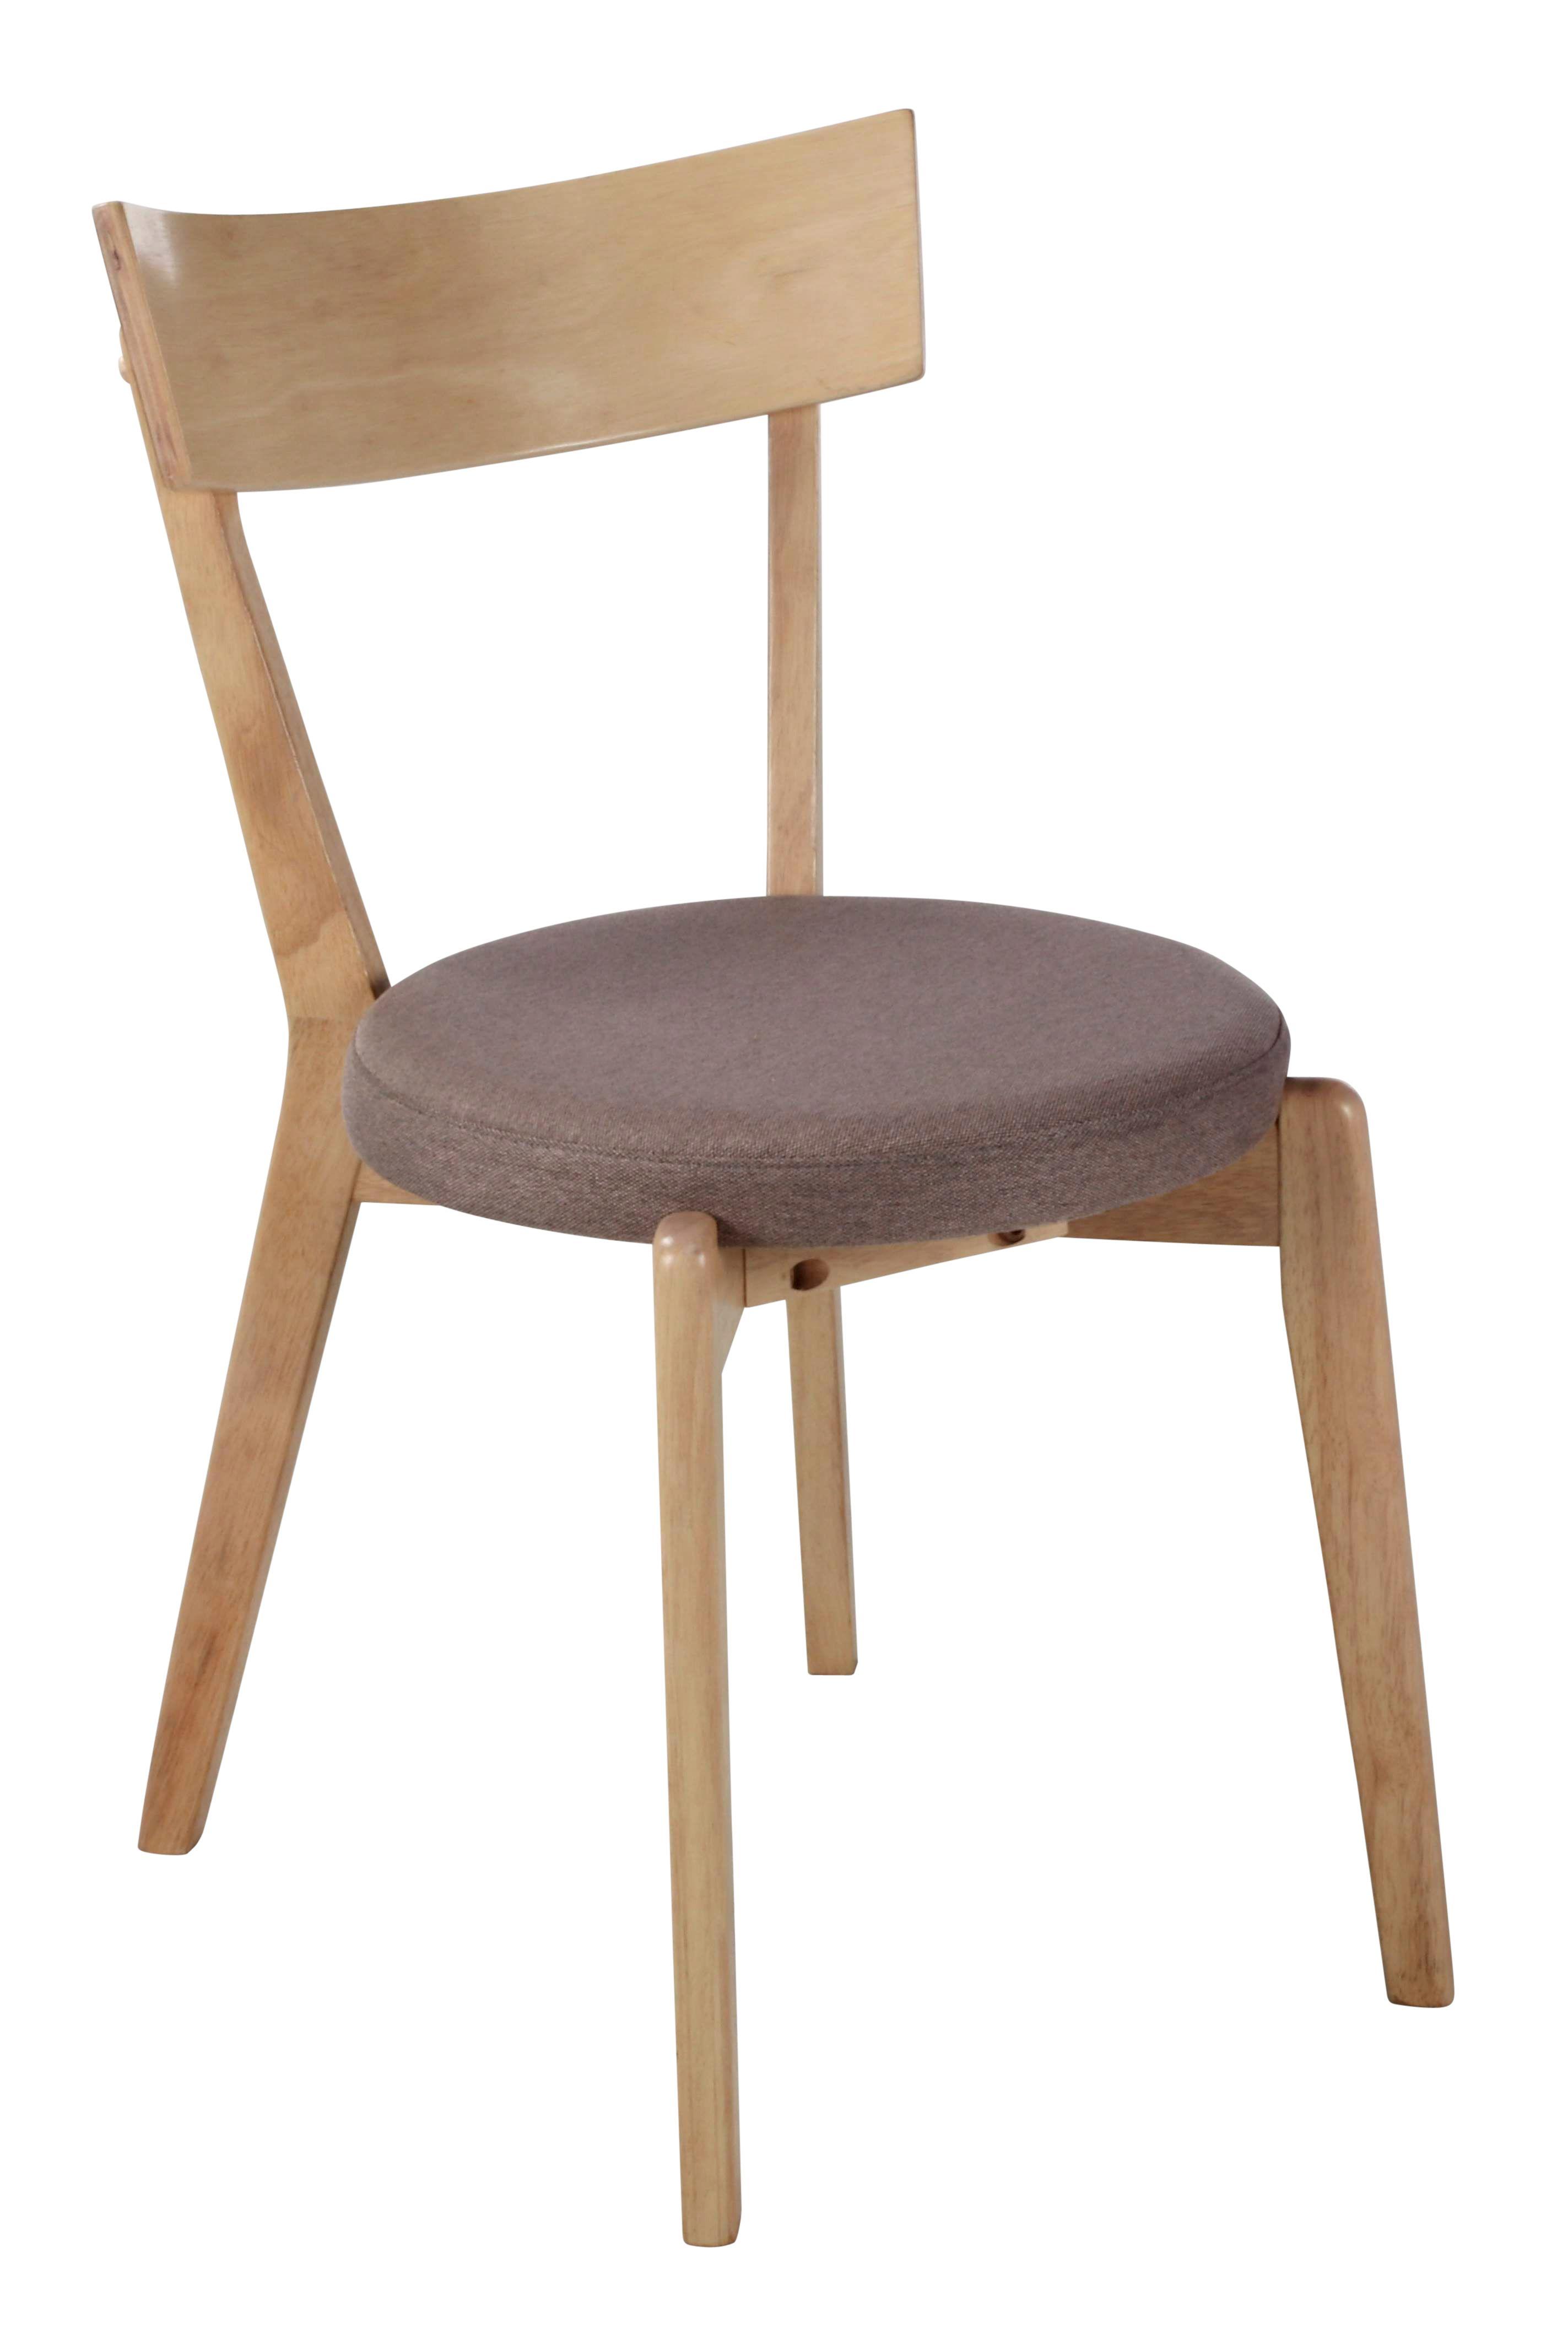 chaise lena gris inspiration scandinave pinterest chaises manger et gris. Black Bedroom Furniture Sets. Home Design Ideas